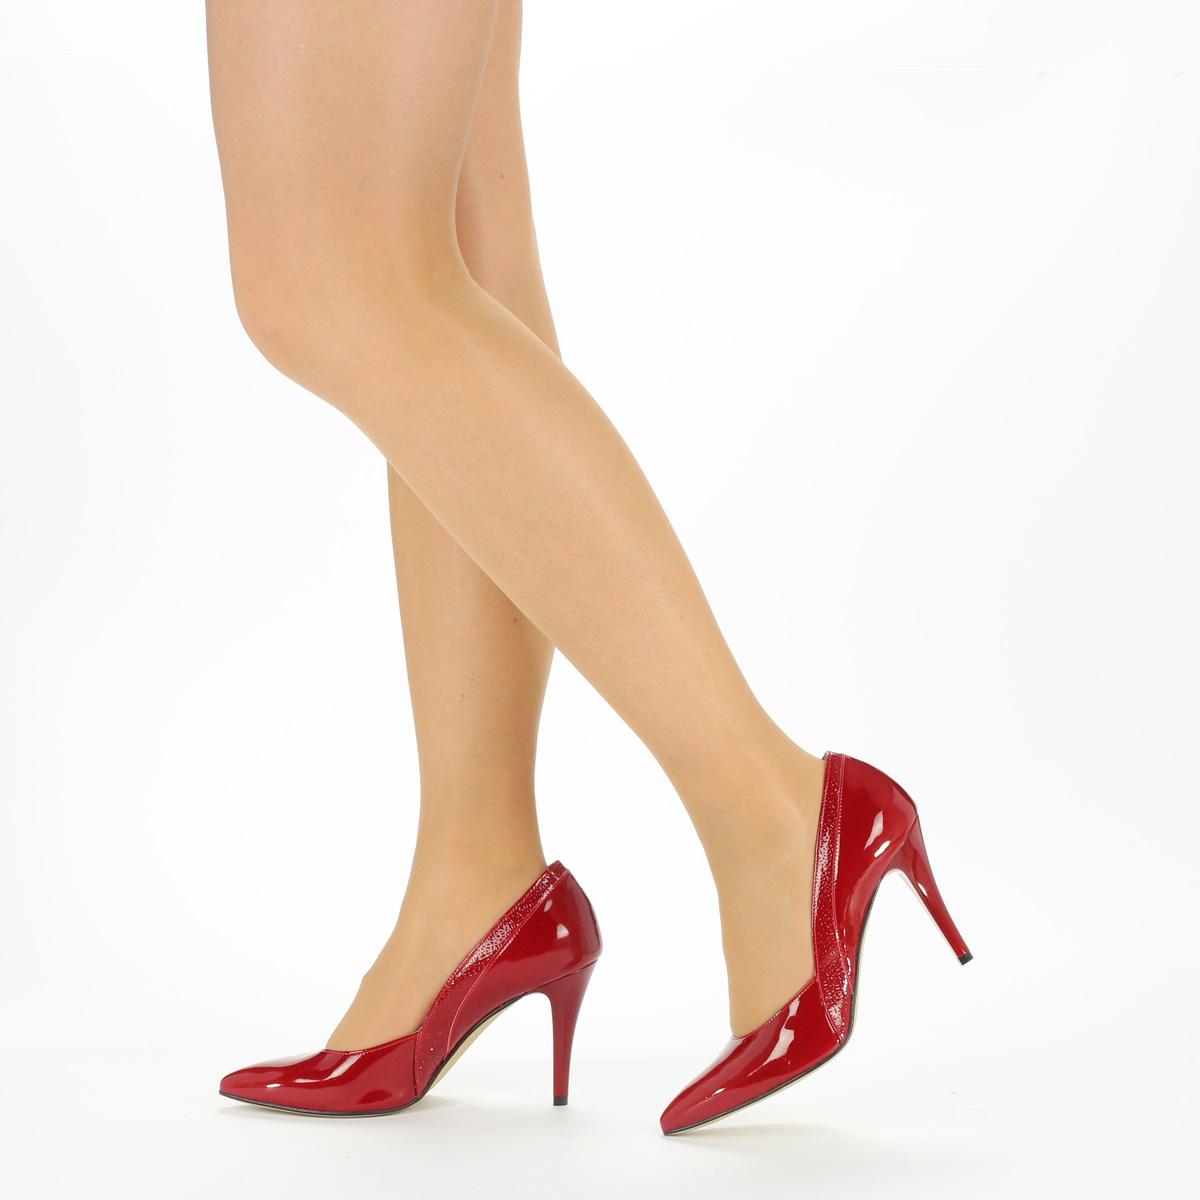 46a925c0d9b Felsőrésze és bélése; Piros színű magas sarkú lakk alkalmi cipő. Sarka 9 cm  magas. Felsőrésze és bélése